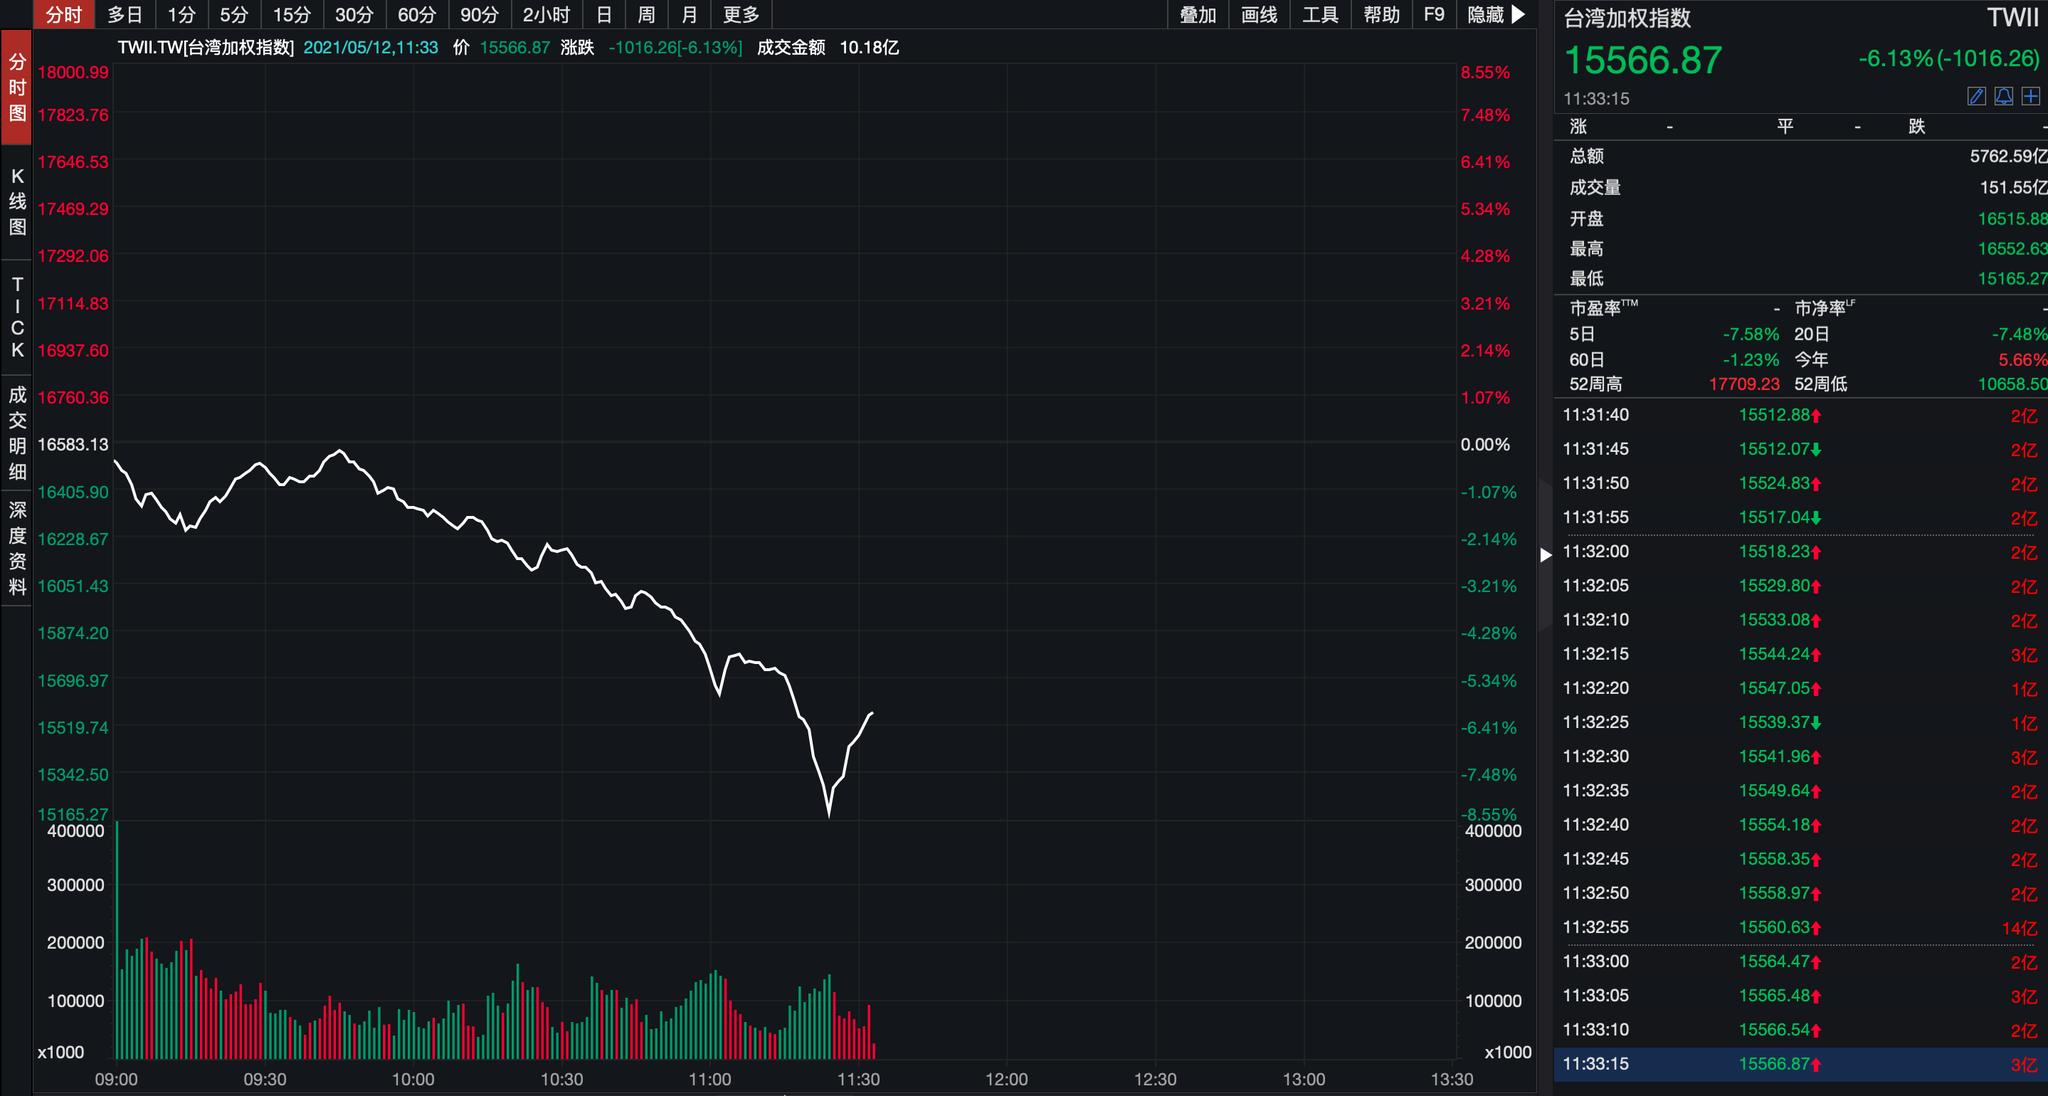 中国台湾加权指数日内重挫8%!2个交易日一度暴跌超2000点